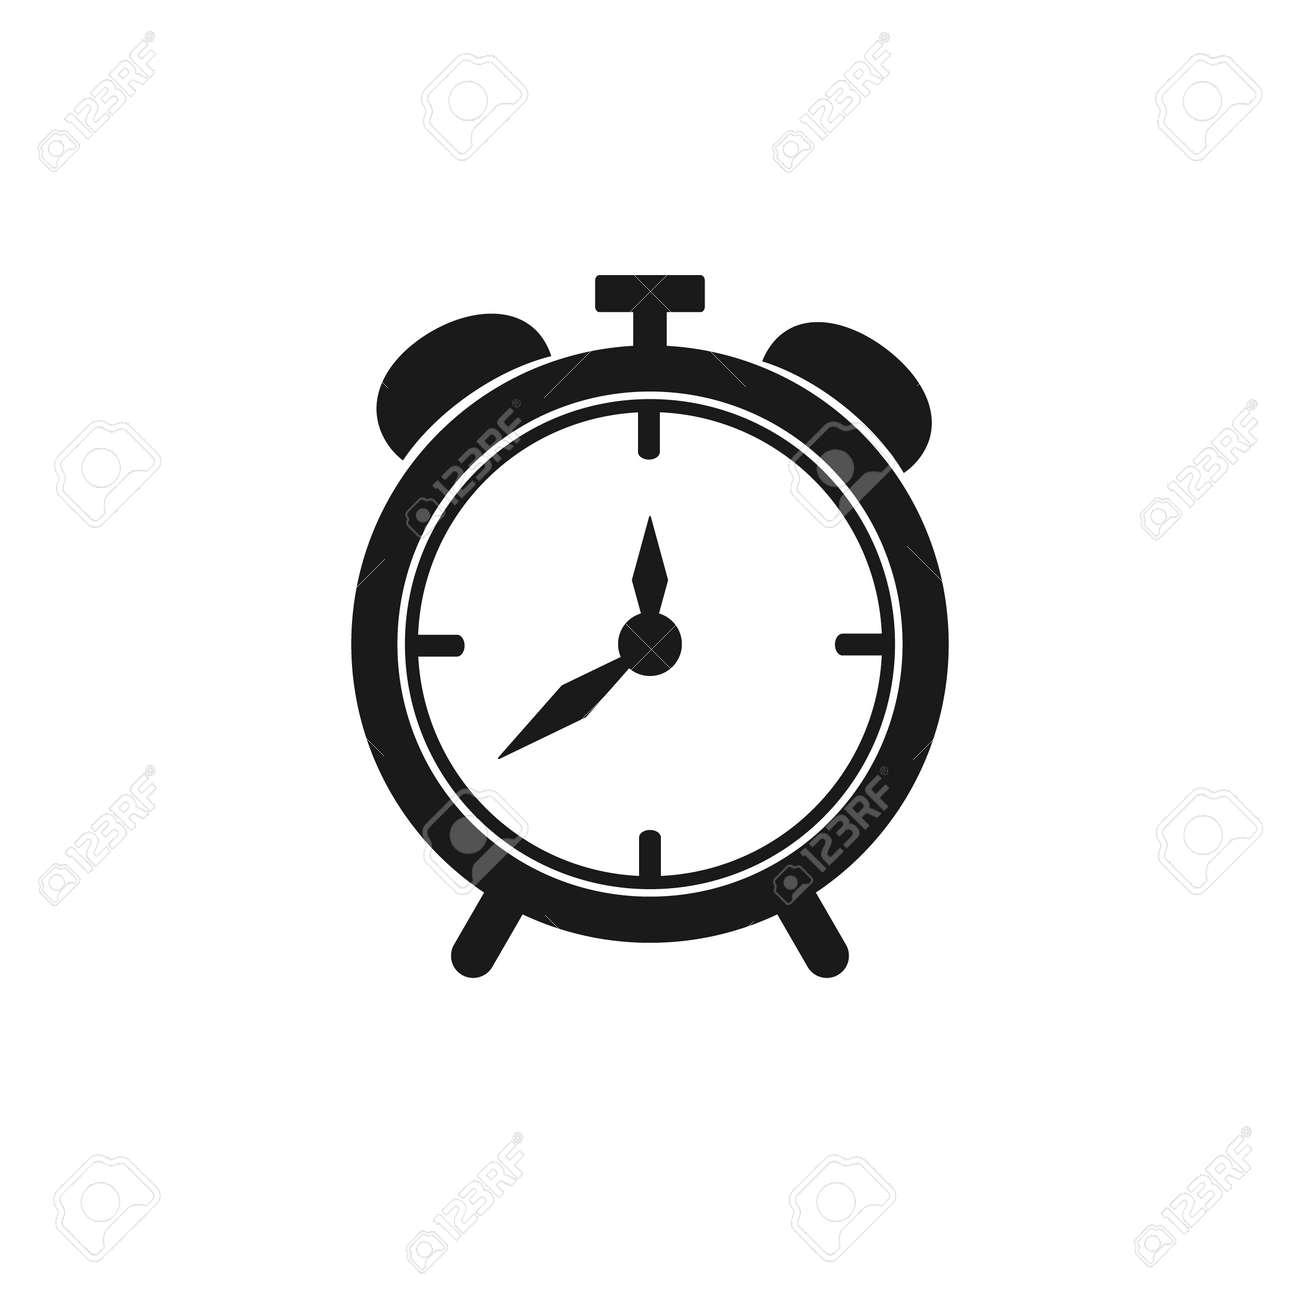 alarm clock - 158972821